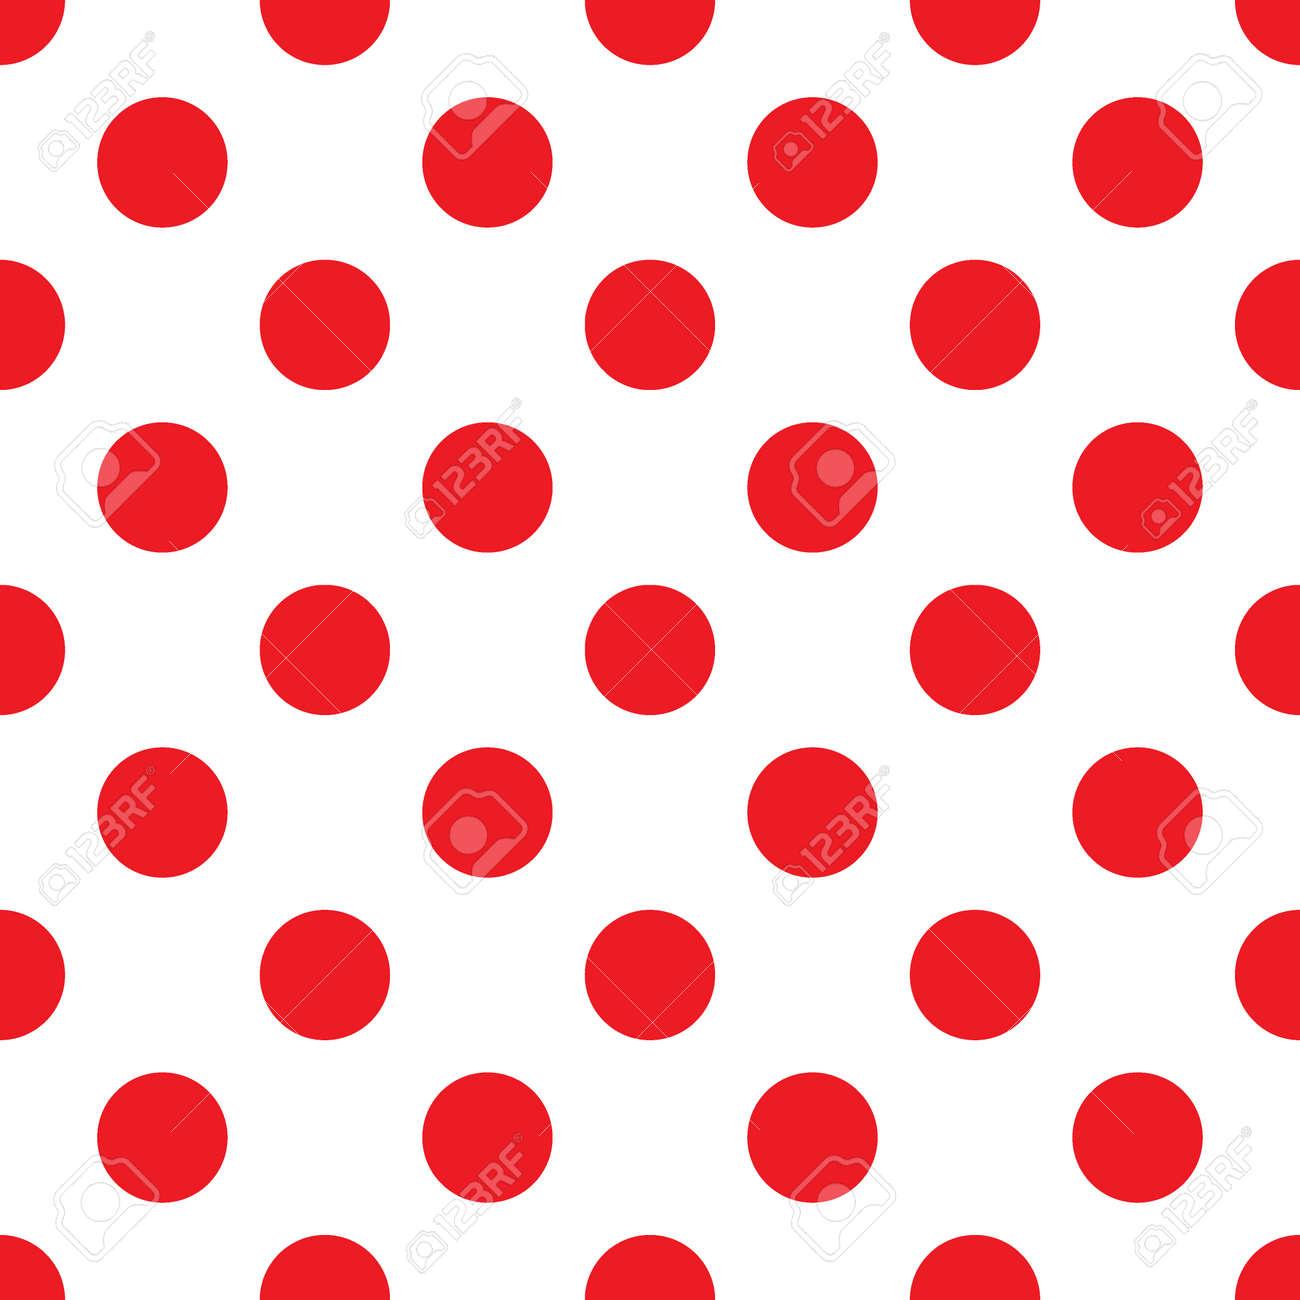 Big Polka Dot Nahtlose Muster. Abstrakte Mode Roten Und Weißen ...